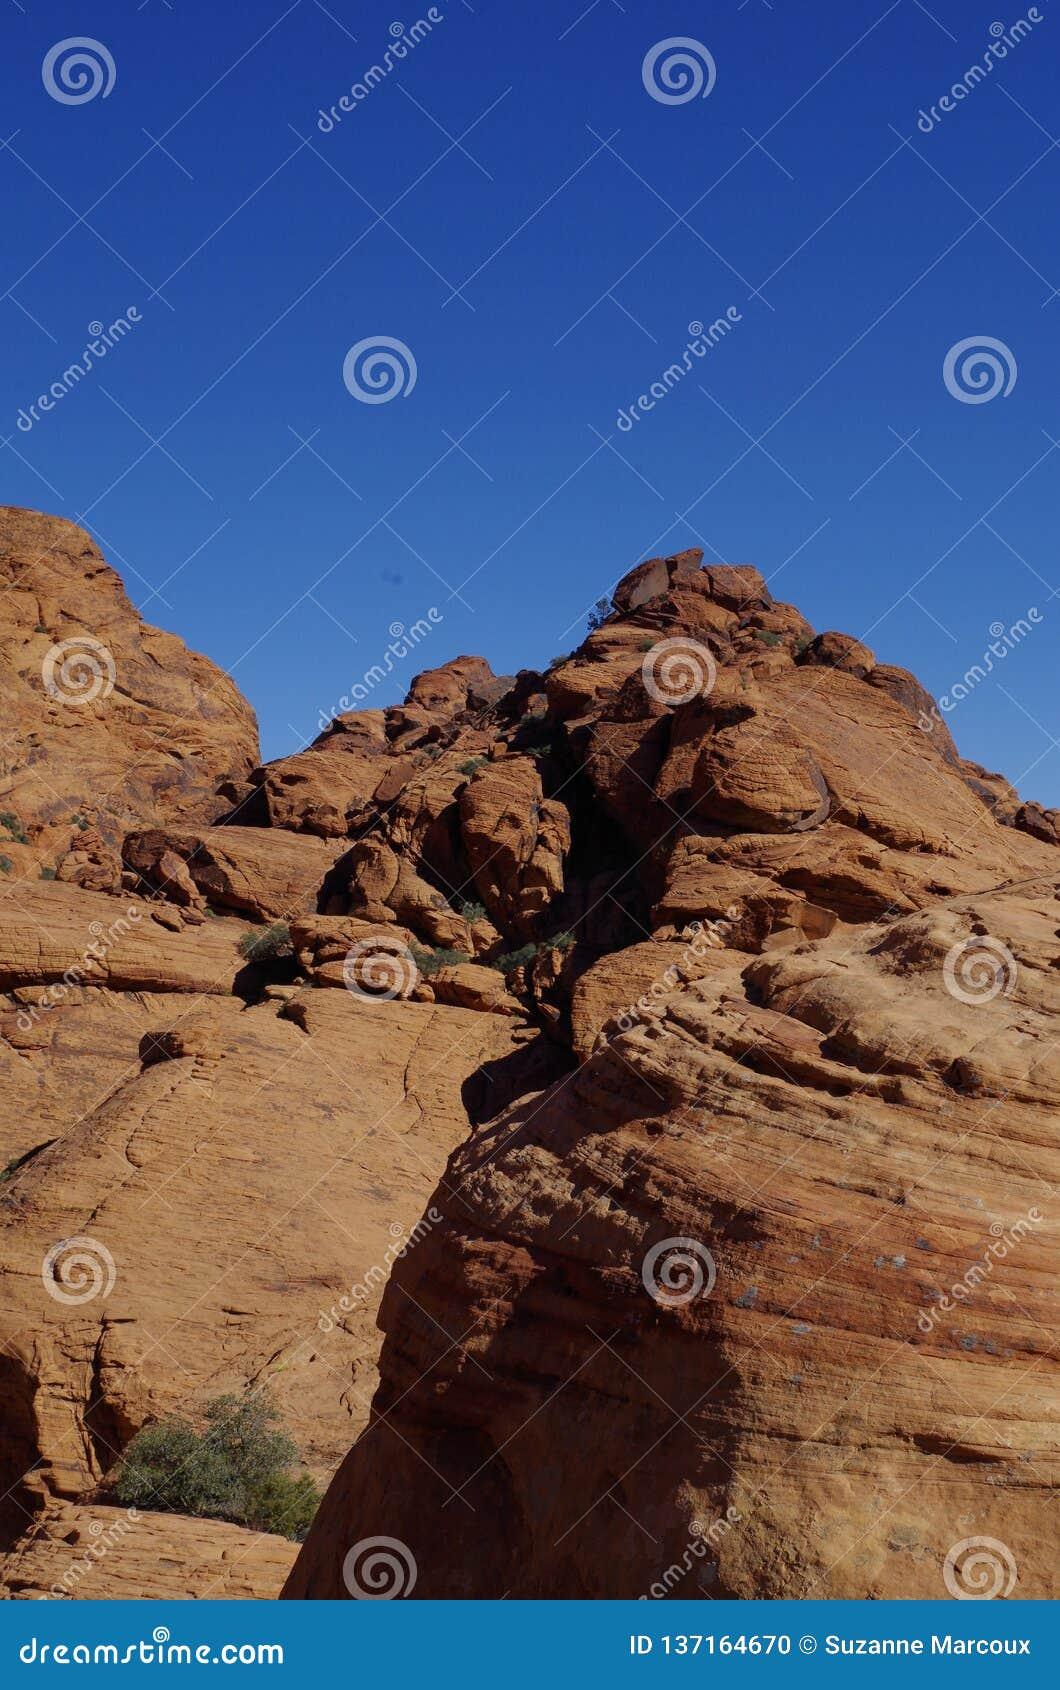 Δεξαμενές βαμβακερού υφάσματος, κόκκινη περιοχή συντήρησης βράχου, νότια Νεβάδα, ΗΠΑ